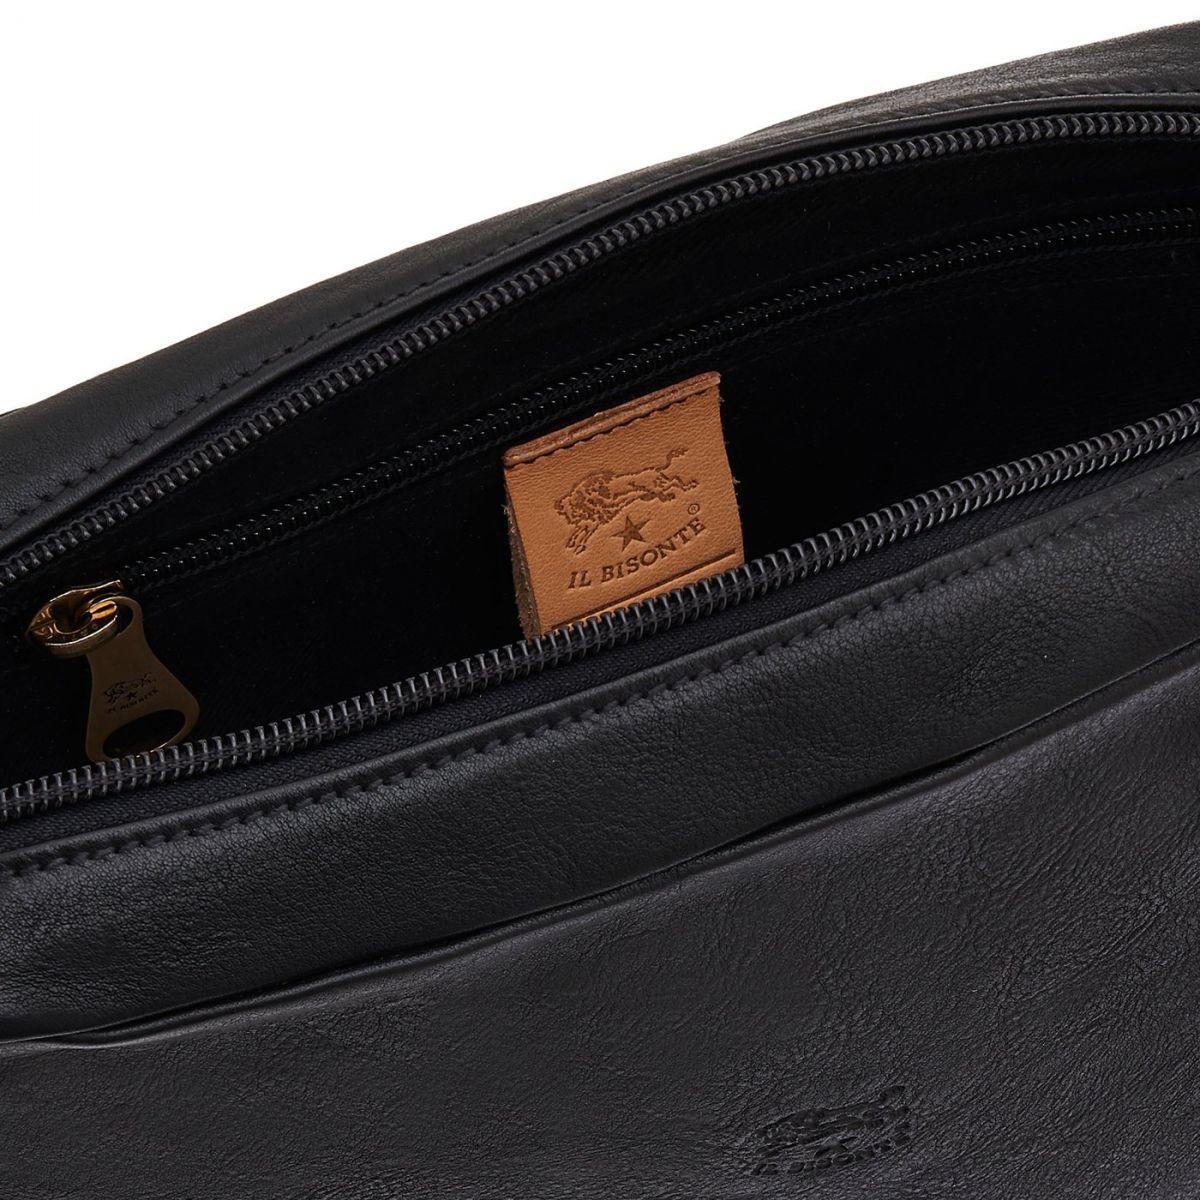 Sac Bandouliere pour Homme New Icon en Cuir De Vachette Vintage BCR056 couleur Noir | Details